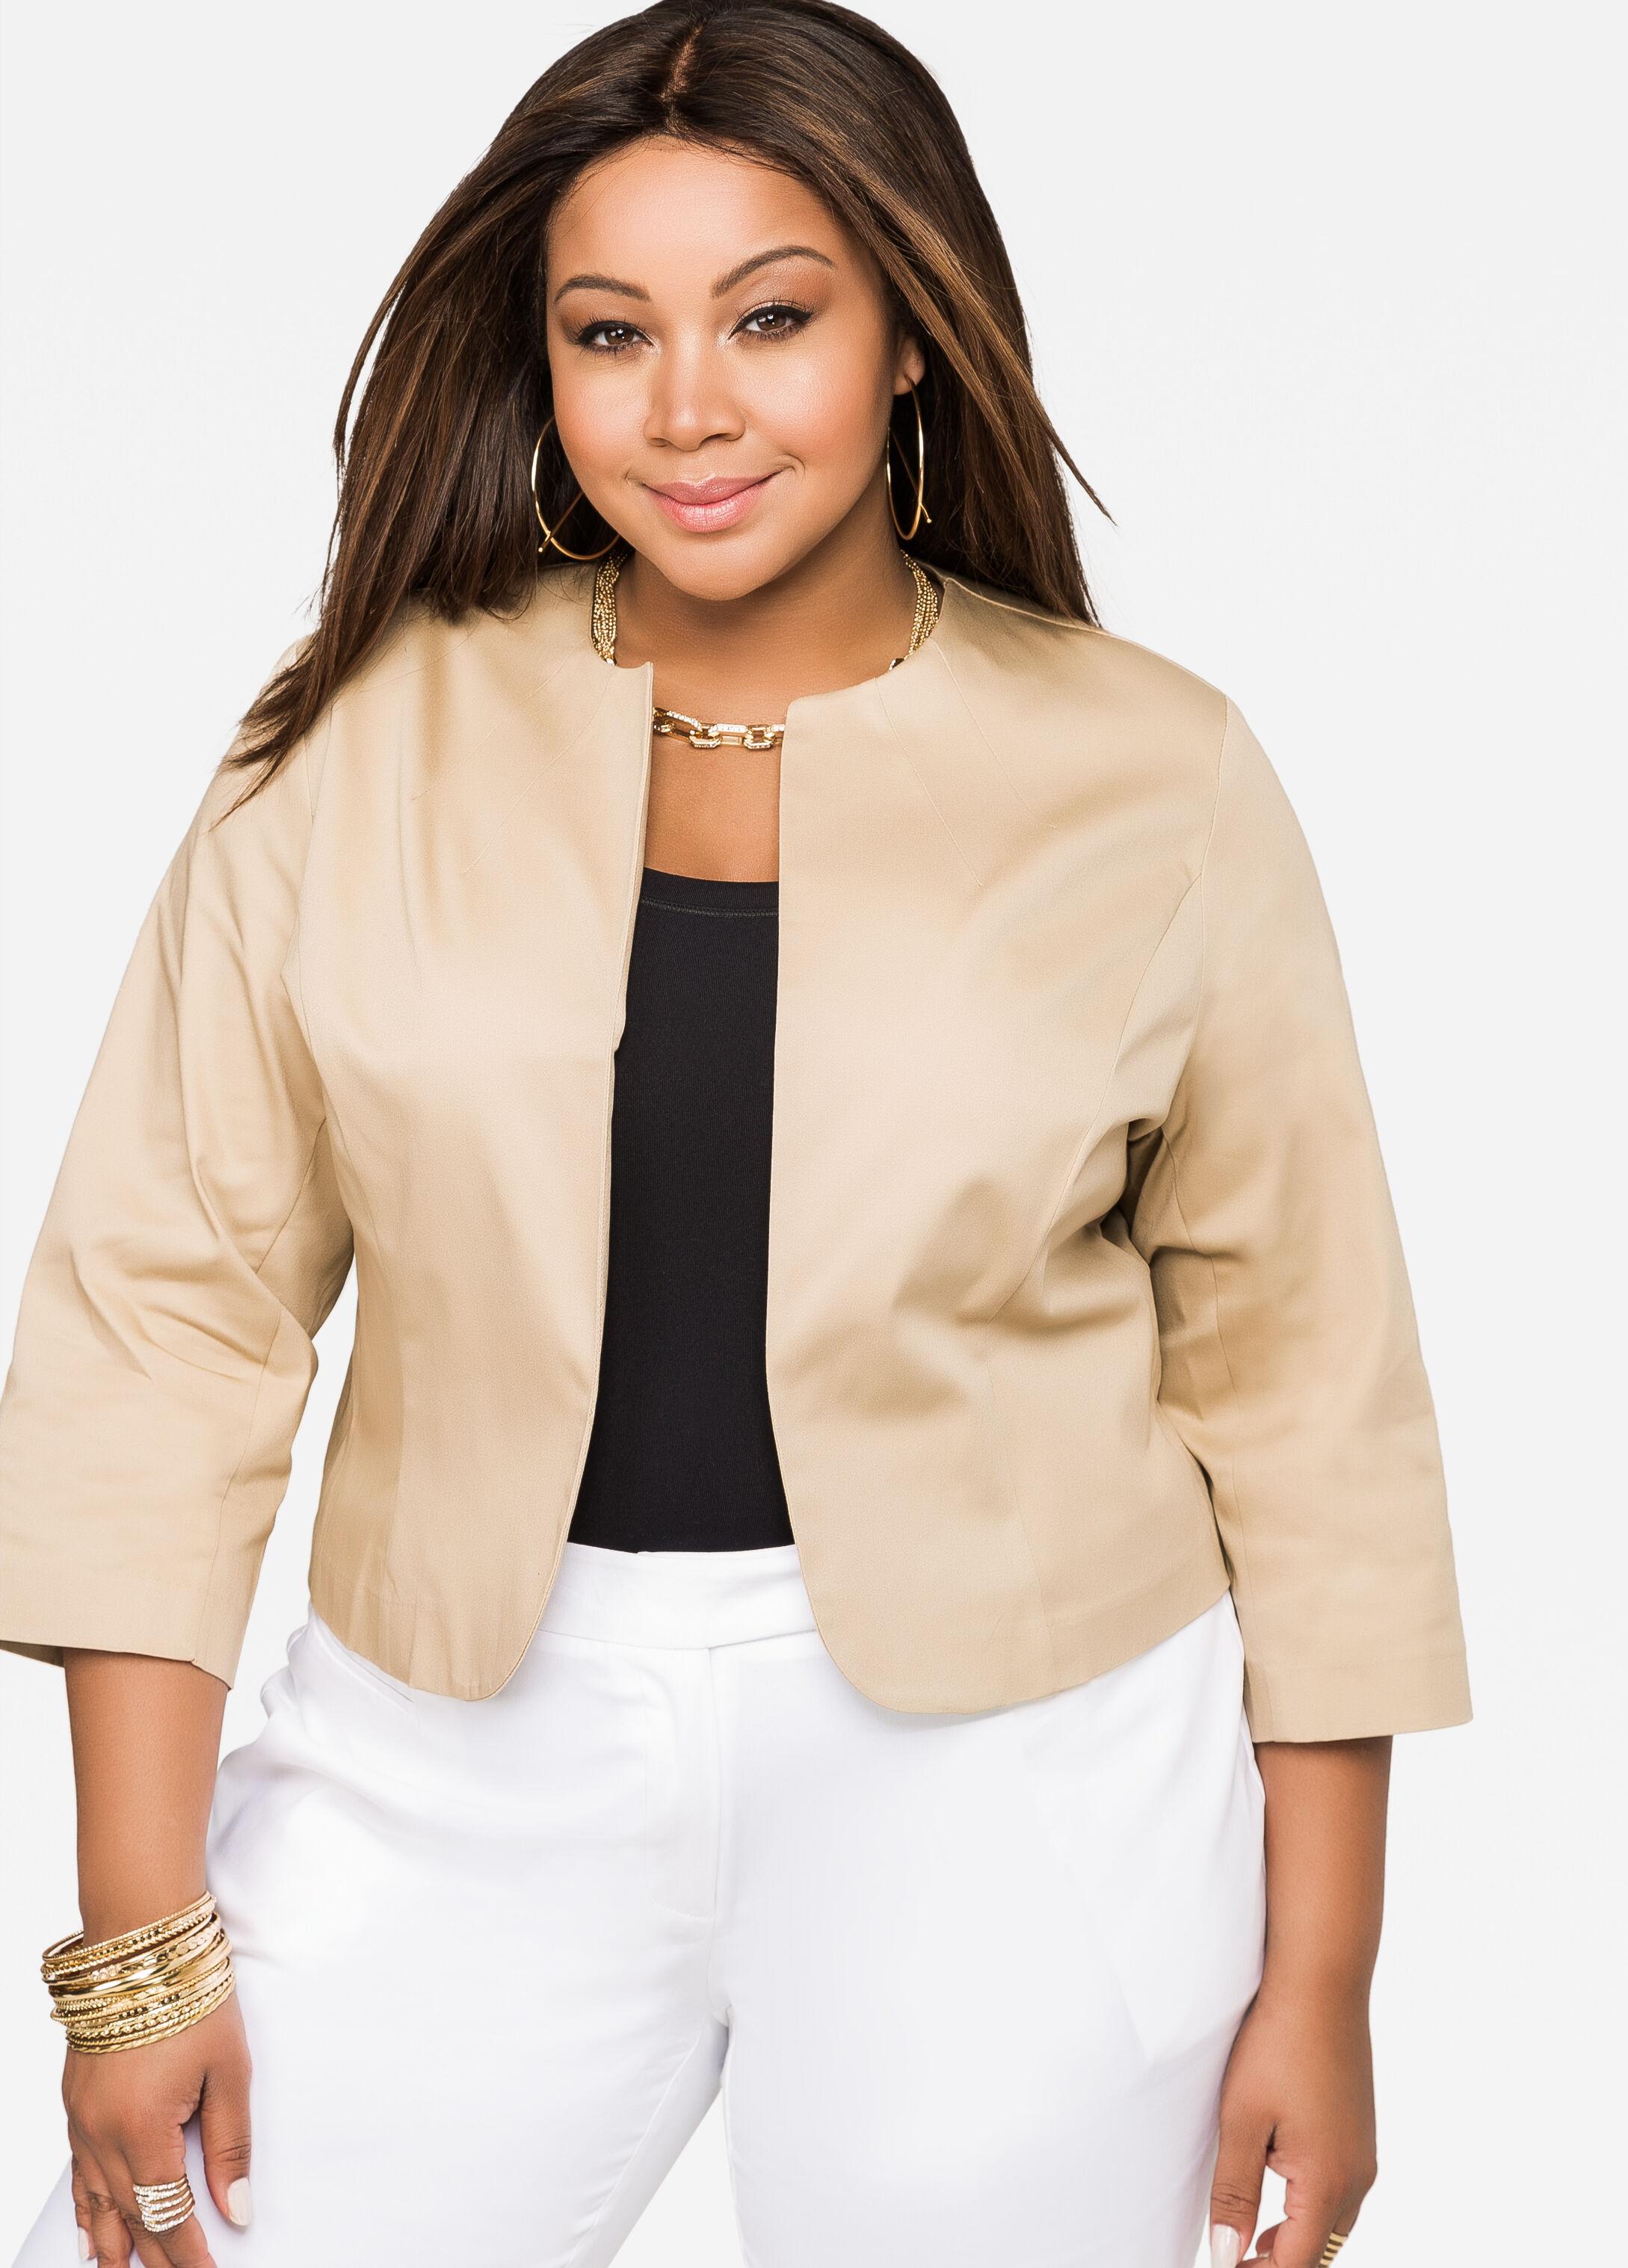 Boss Lady Bolero Jacket